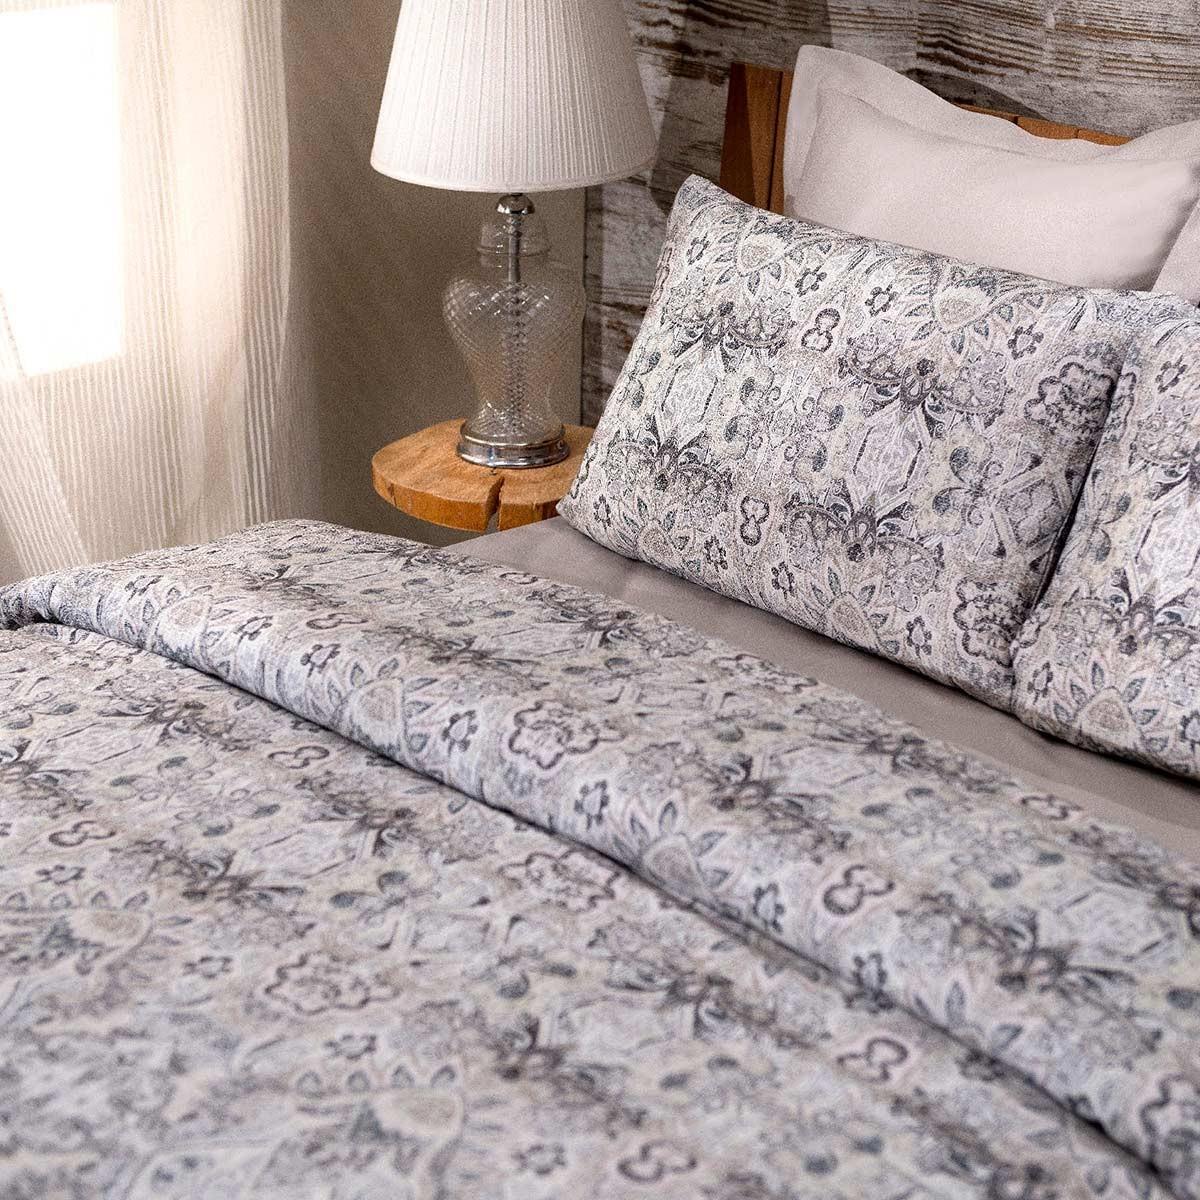 Κουβερλί Υπέρδιπλο (Σετ) Anna Riska Florence home   κρεβατοκάμαρα   κουβερλί   κουβερλί υπέρδιπλα